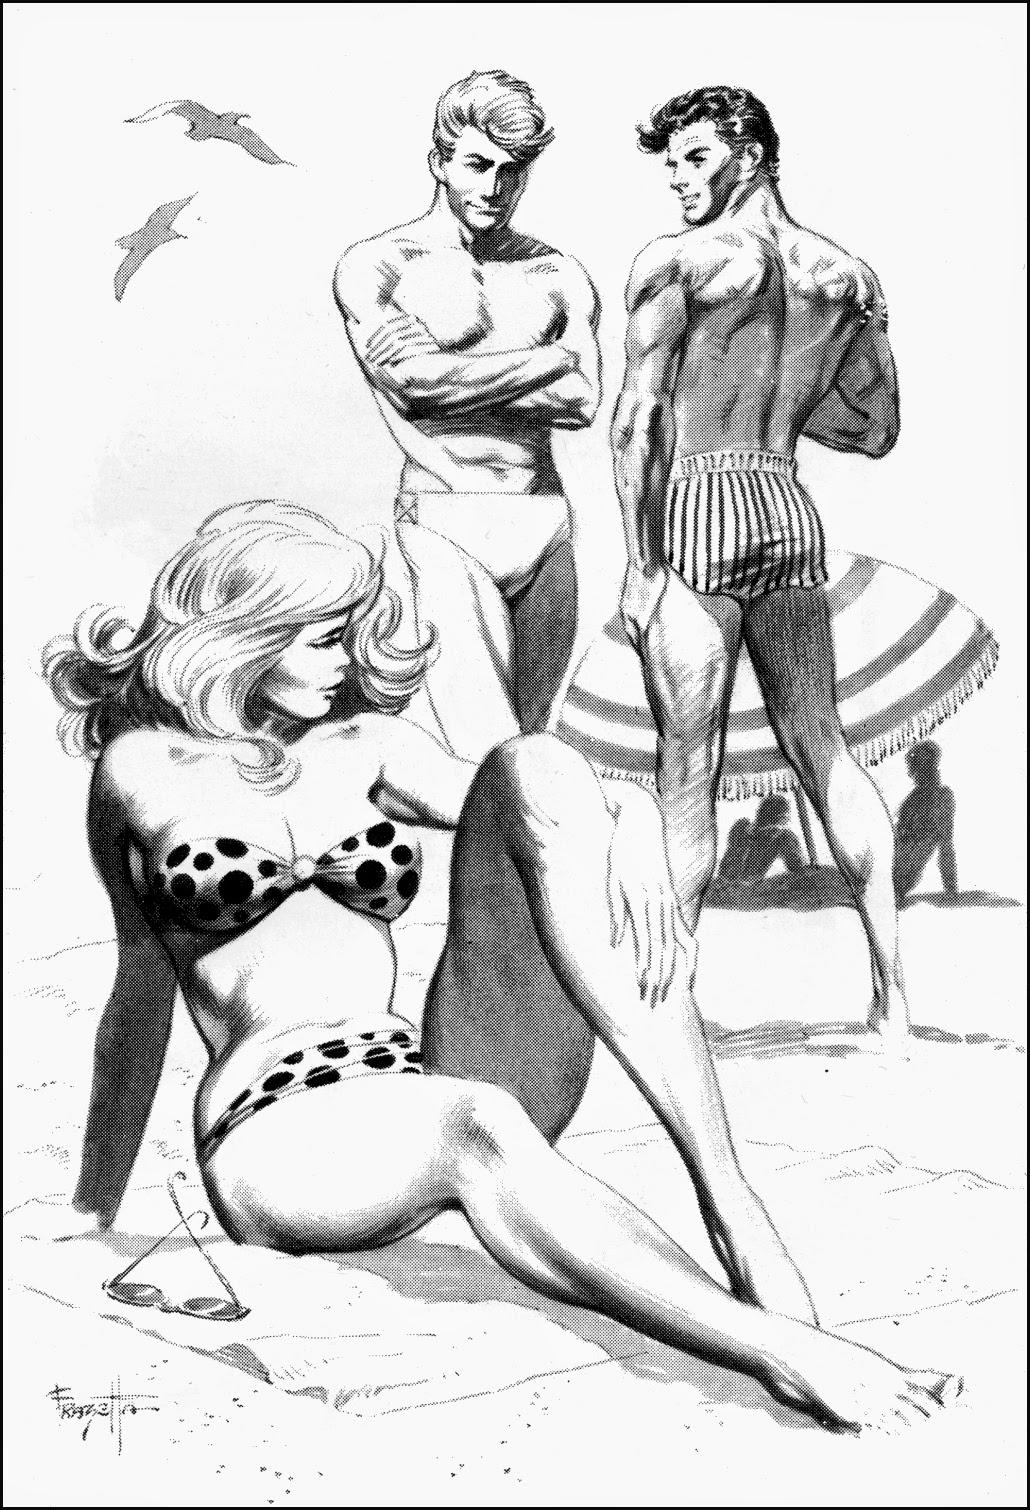 комиксы эротические черно белые № 2816  скачать